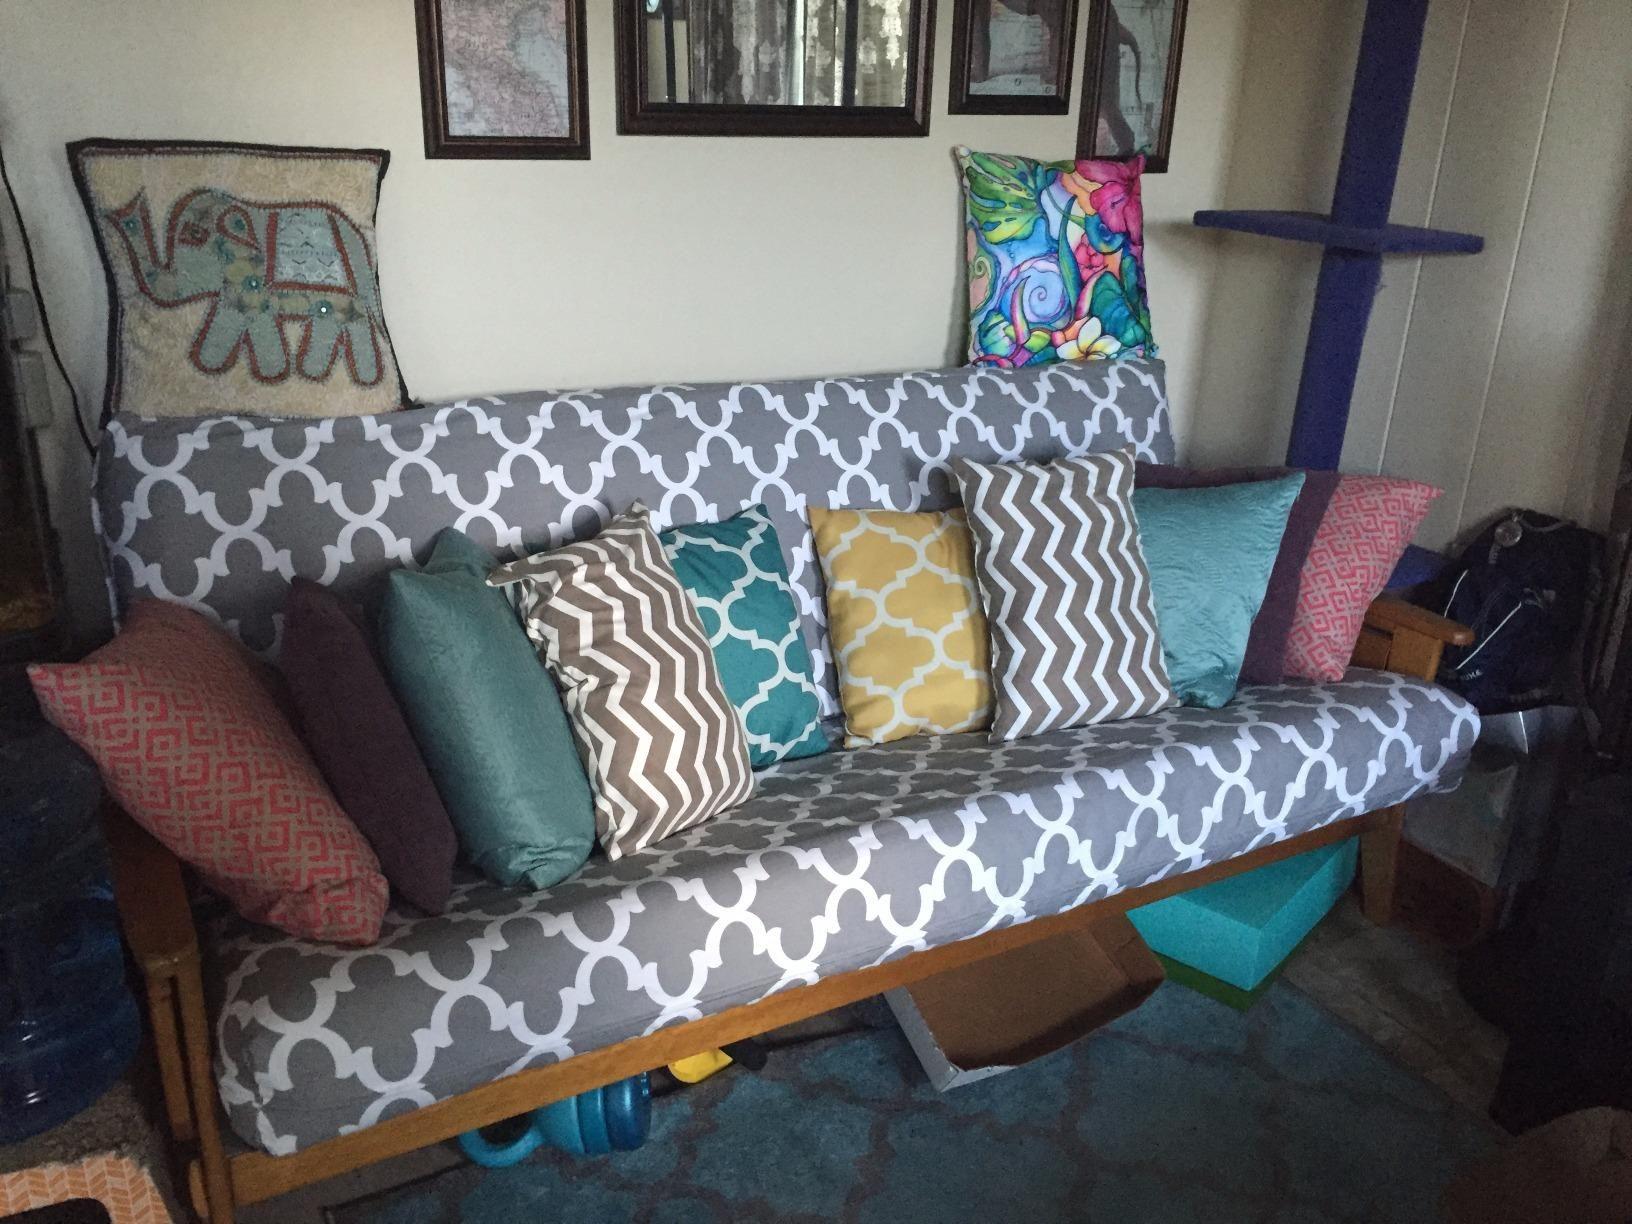 amazon    fynn full size futon cover 54 inch x 75 inch   amazon    fynn full size futon cover 54 inch x 75 inch      rh   pinterest